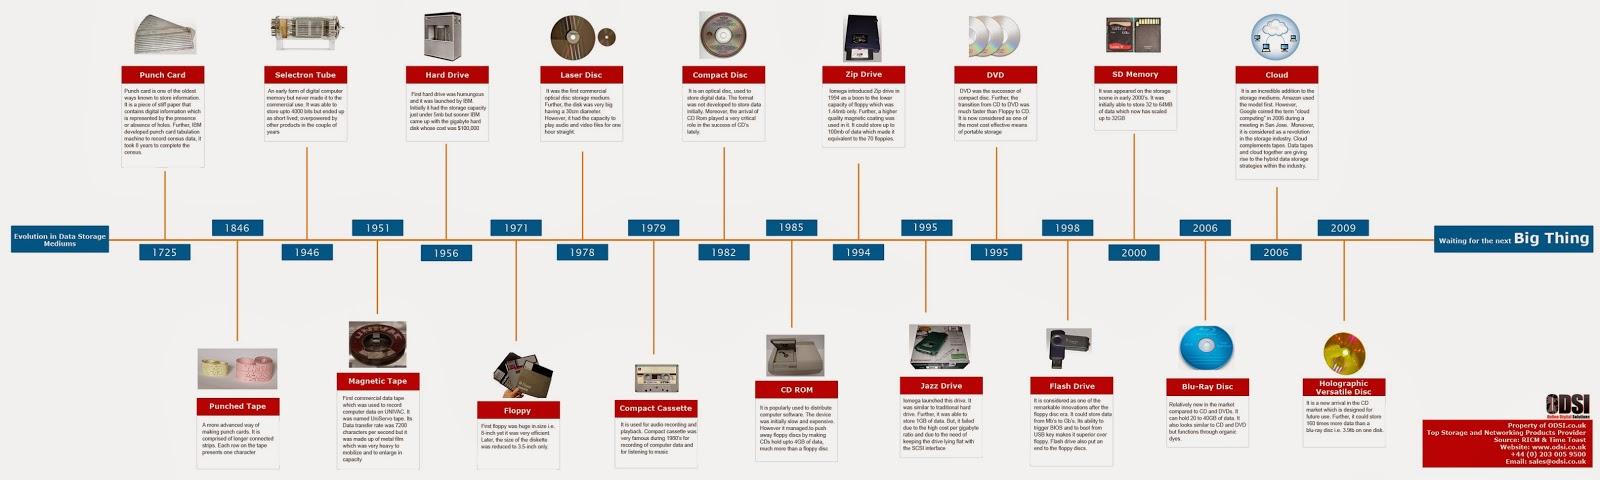 Evolution of data storage media